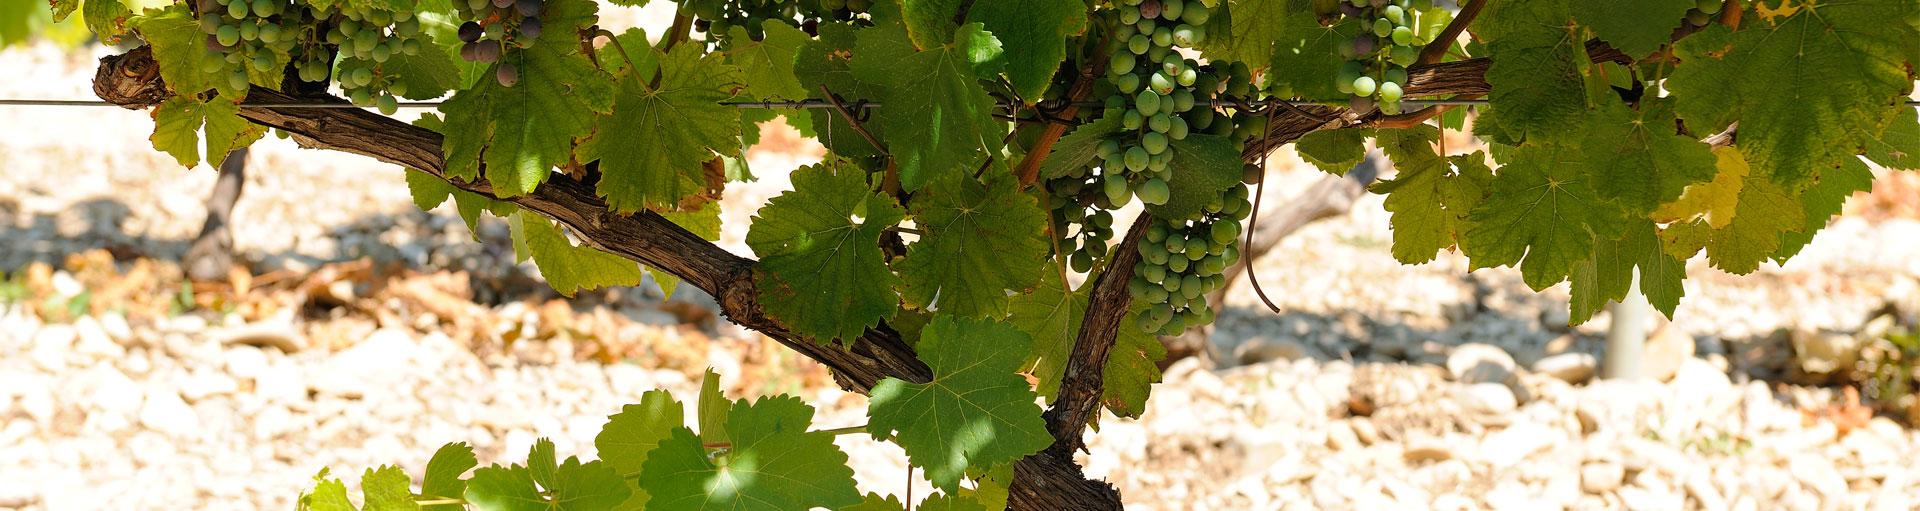 terroir et cépage vins de provence - Plan de dieu - Domaine de l'Odylée